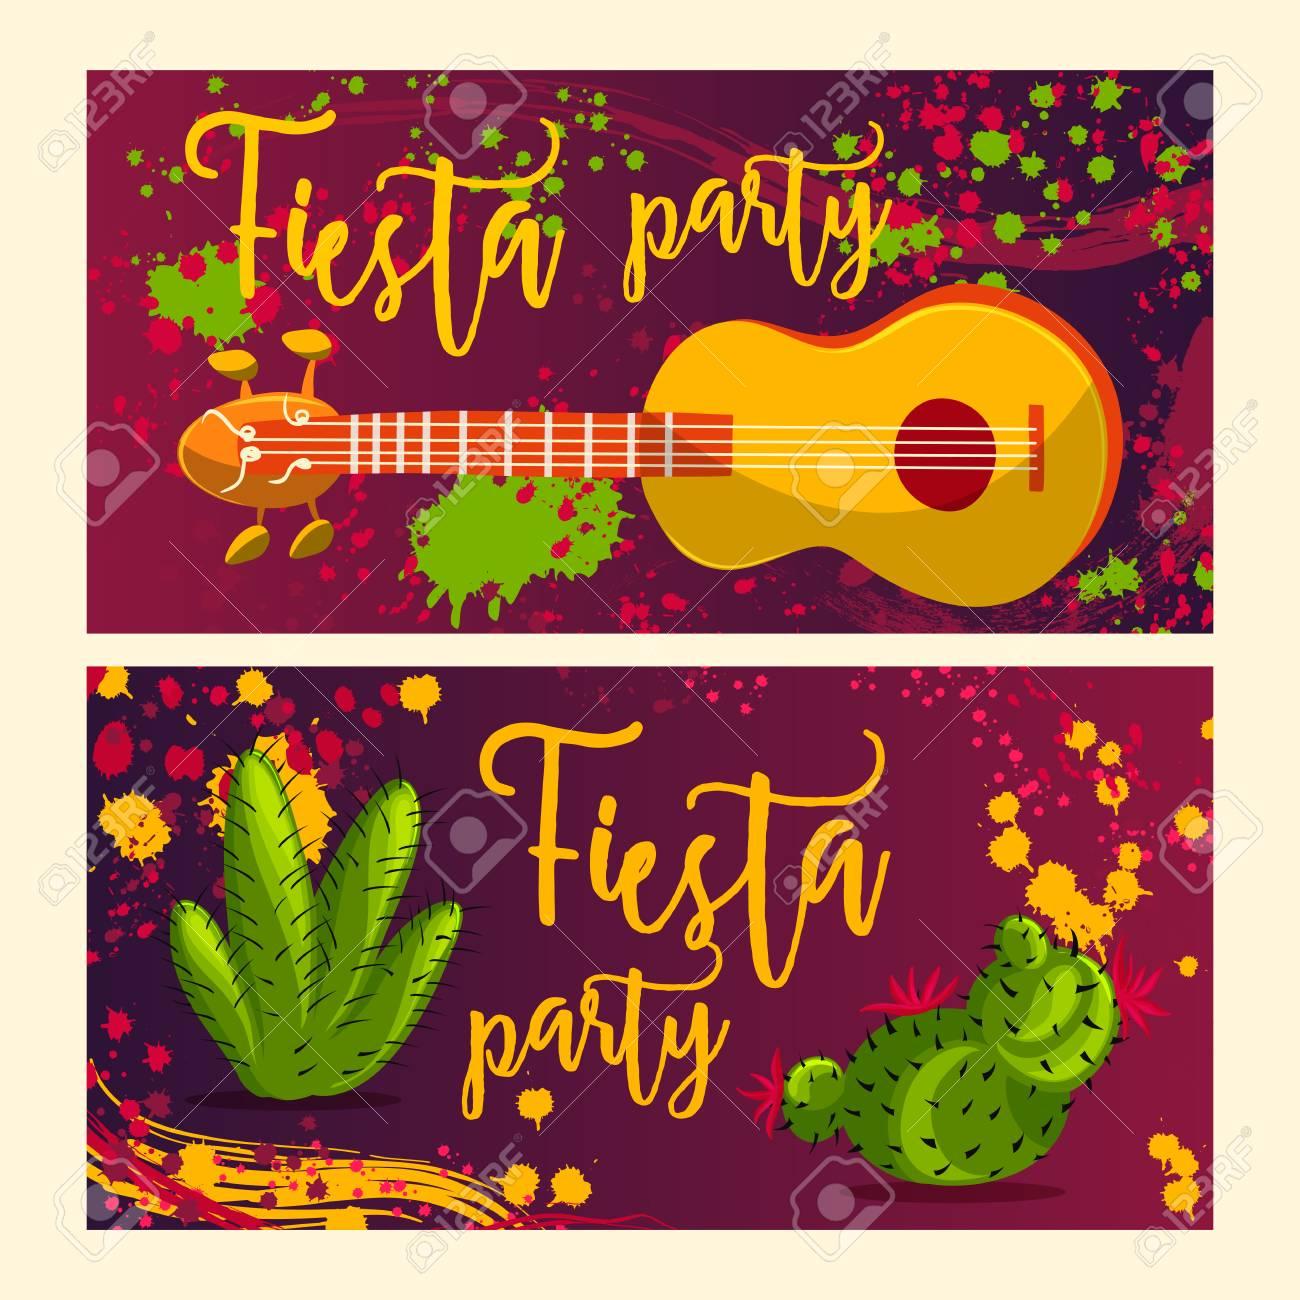 Hermosa Tarjeta De Felicitación Invitación Para Festival Fiesta Concepto De Diseño Para Mexicana Del Cinco De Mayo Fiesta Con Guitarra Cactus Y